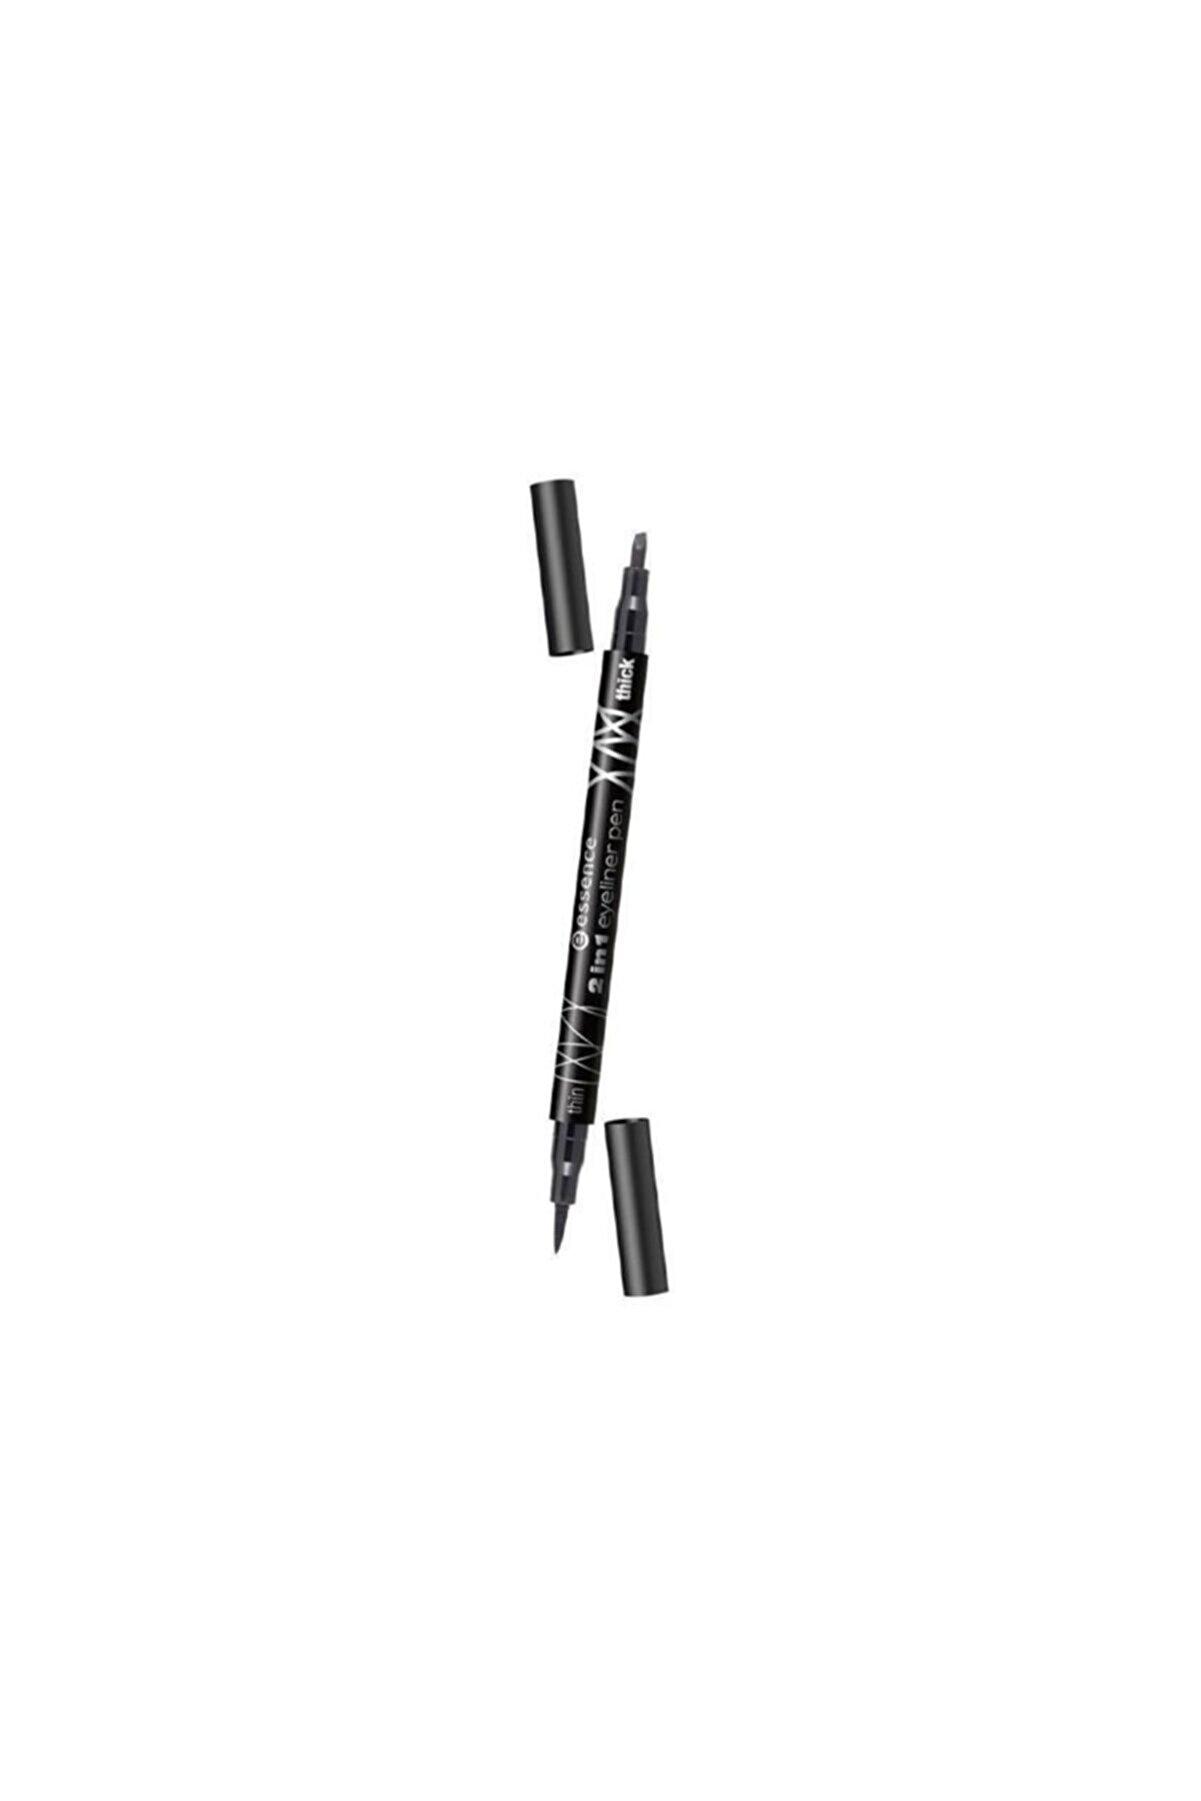 Essence Eyeliner Kalemi 2 Taraflı Ince Uçlu Ve Eğimli Siyah Renkli Marka